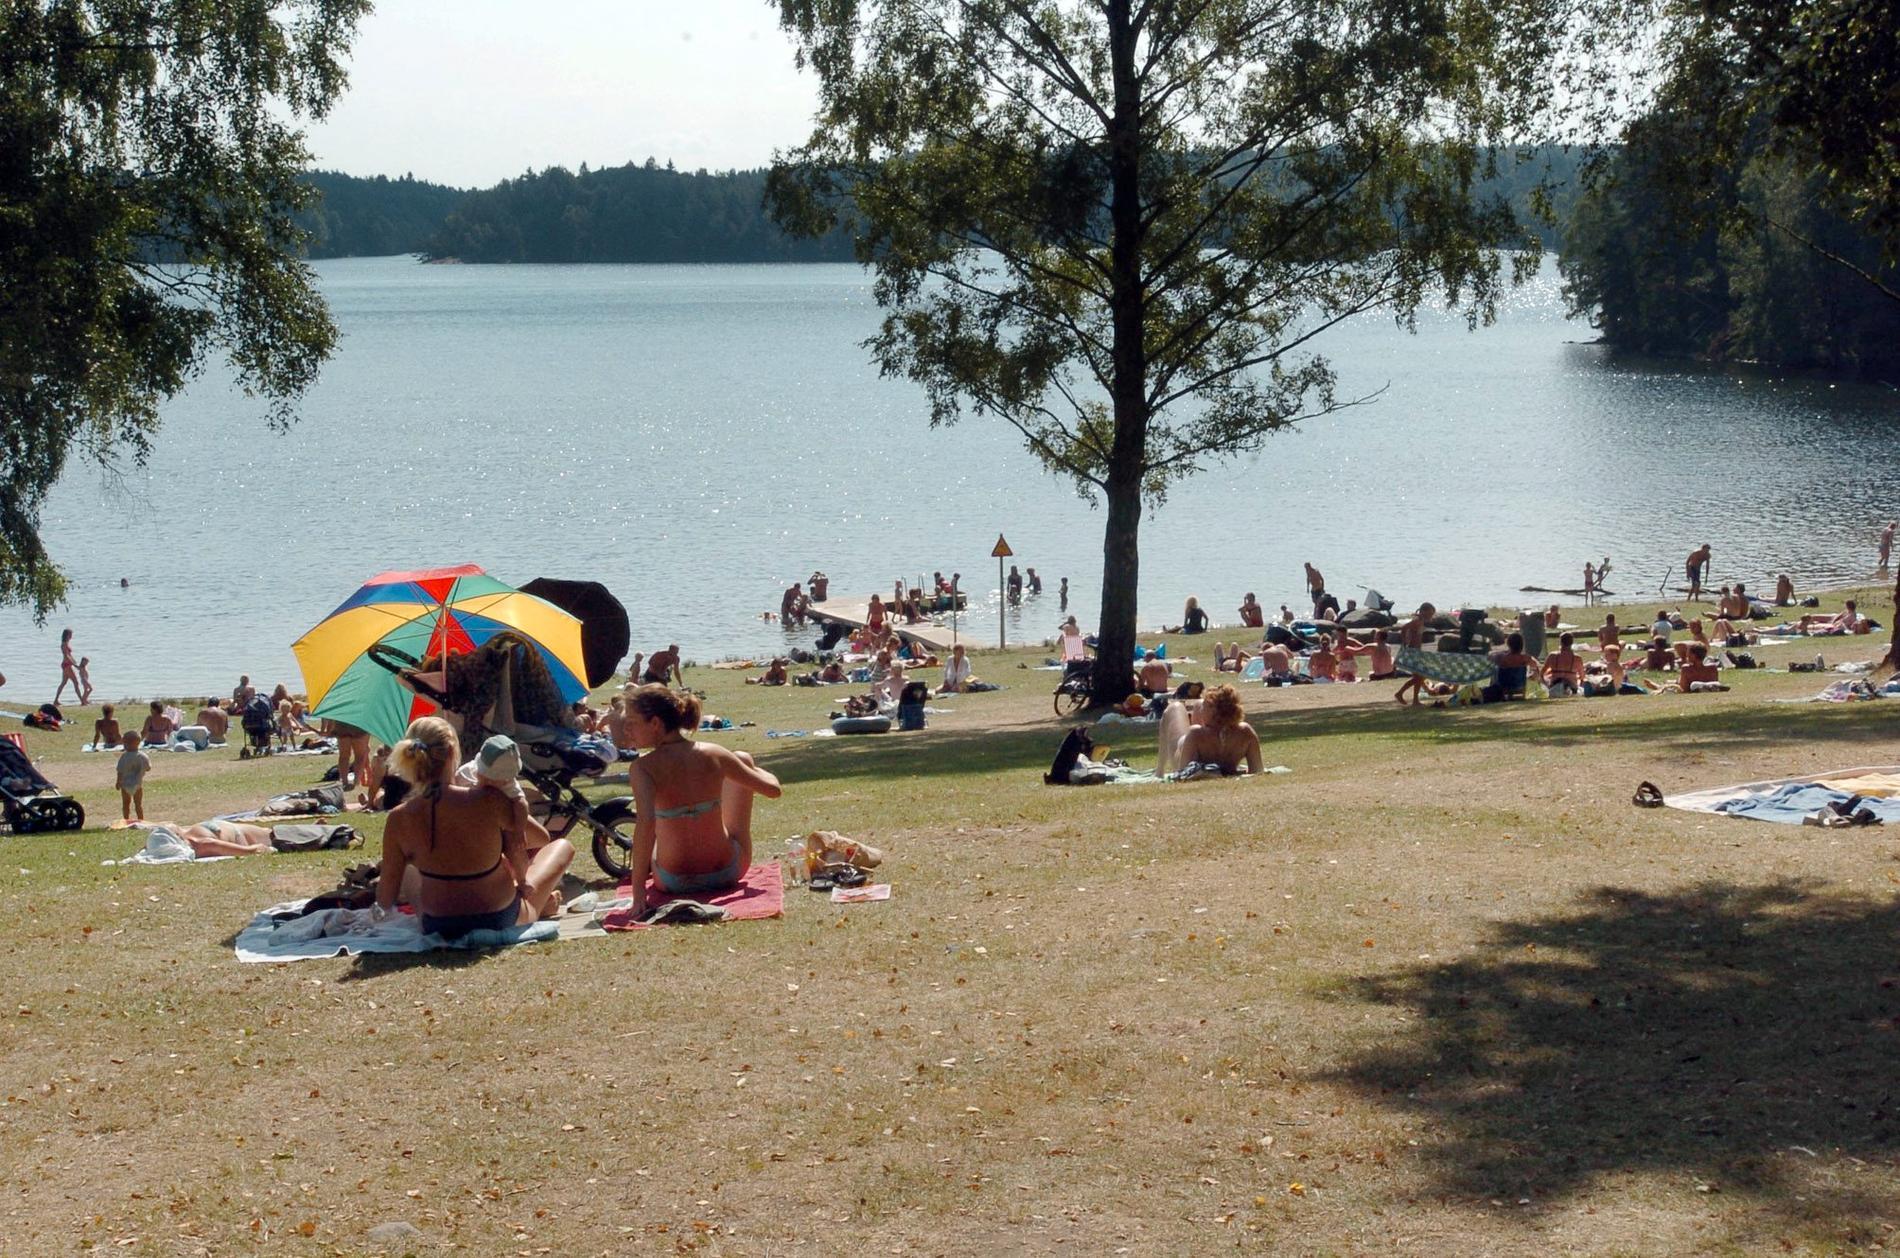 Många göteborgare flyr till Delsjöbadet varma sommardagar.